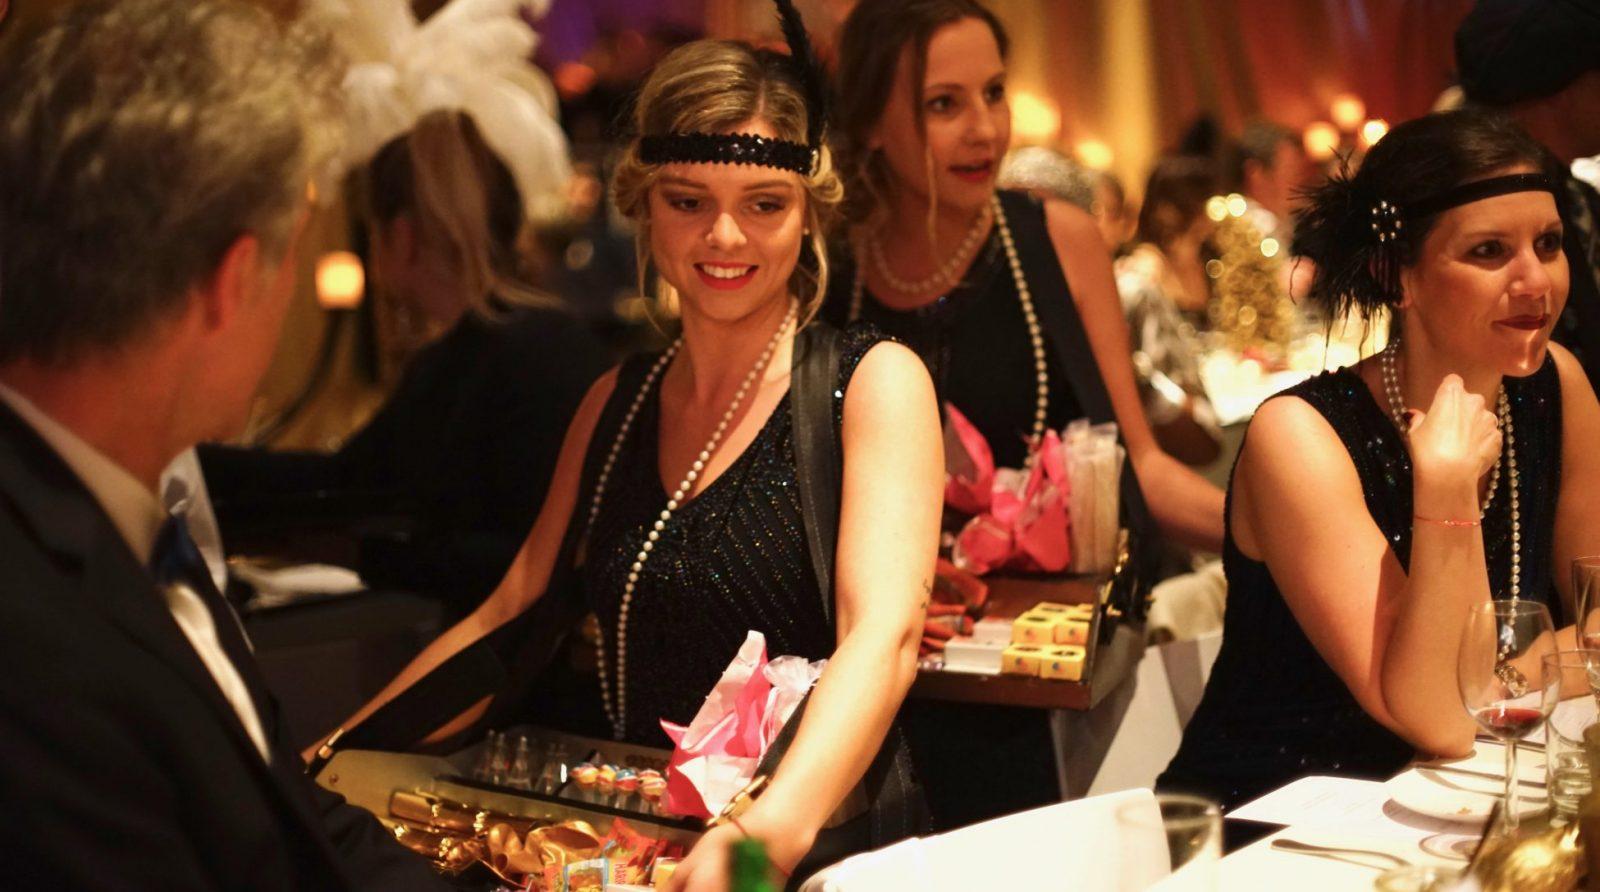 Candy-Girls der 20er Jahre. Die Bauchladenmädchen im Einsatz auf einer Veranstaltung